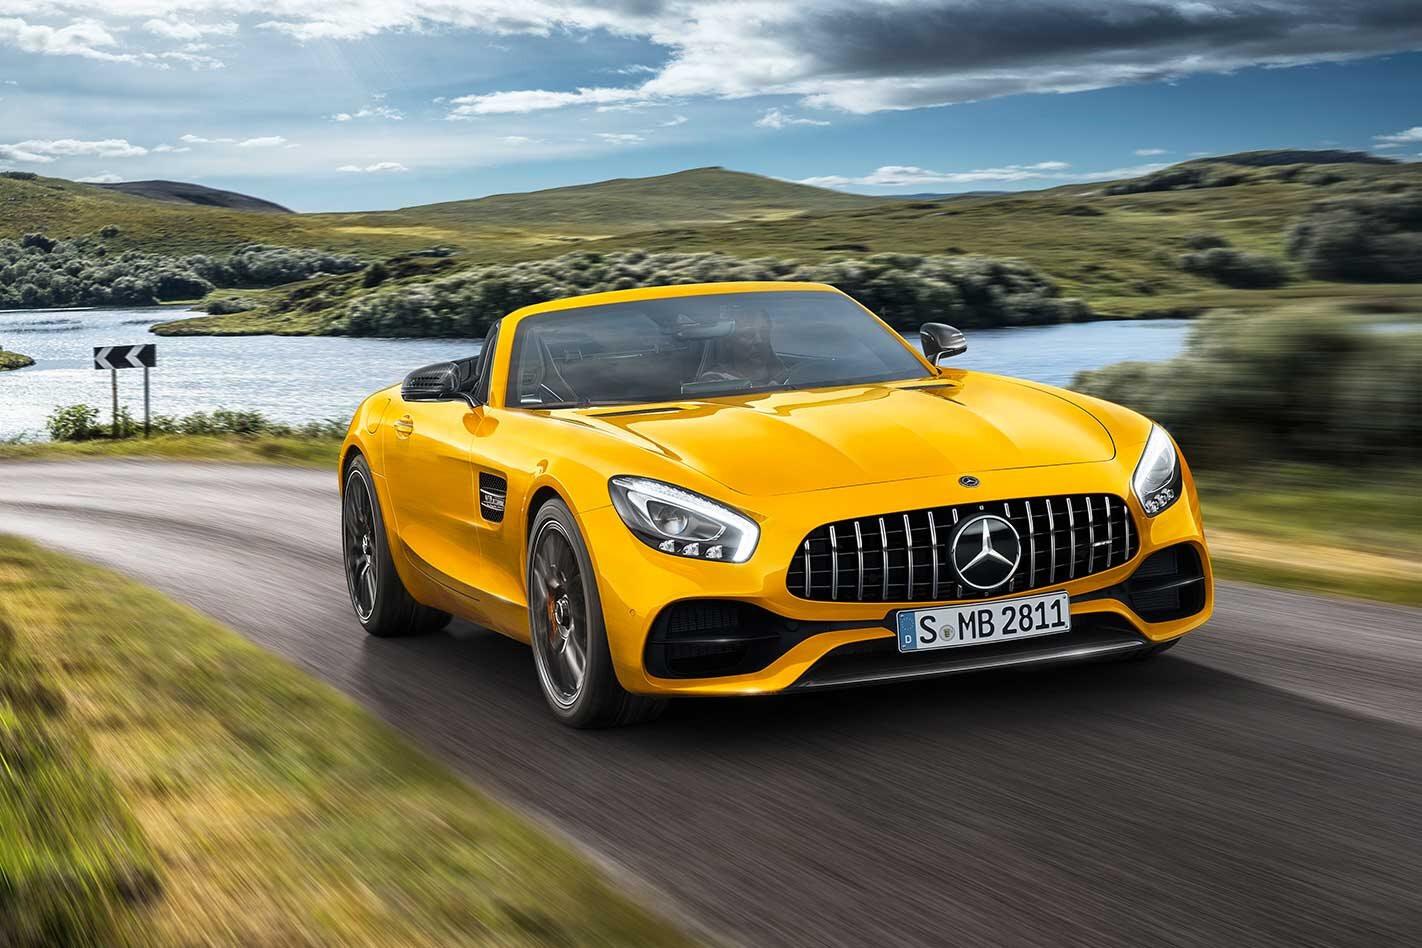 2018 Mercedes AMG GT S Roadster joins GT line up